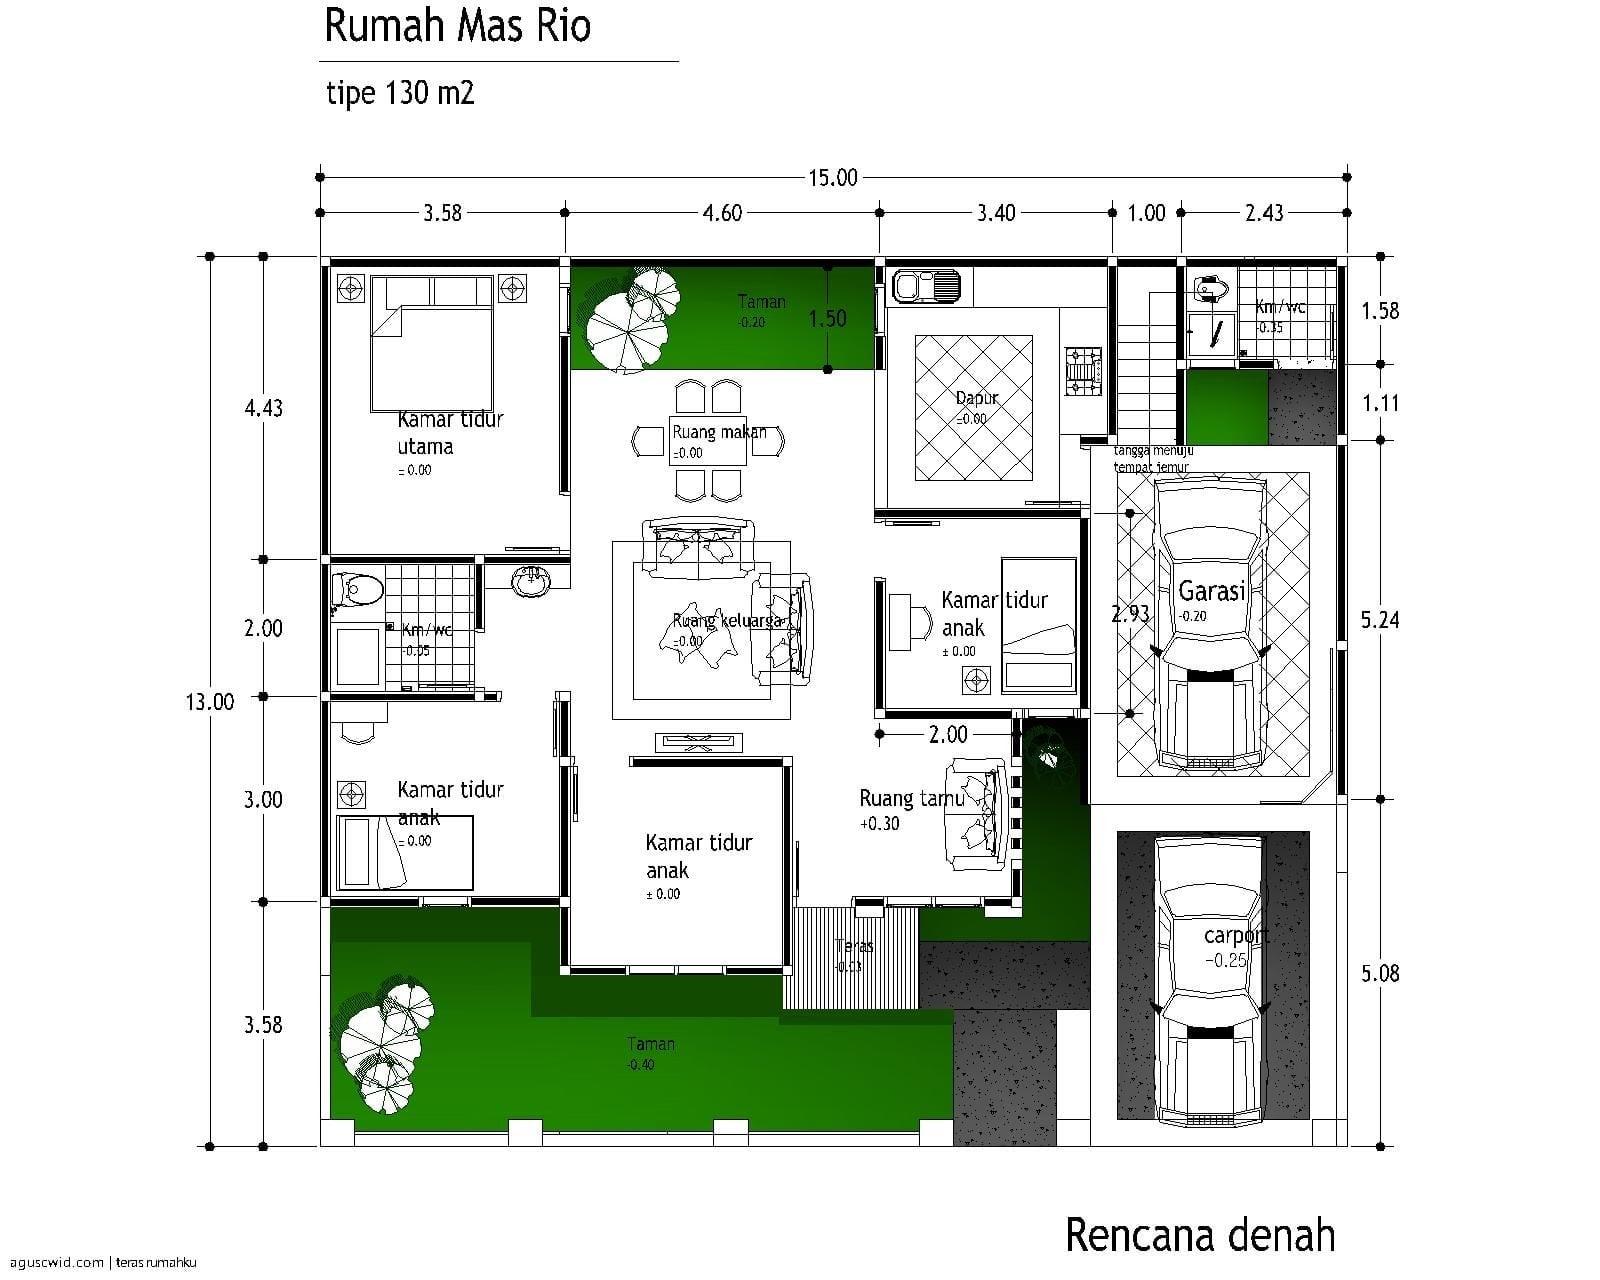 Luar biasa Desain Rumah Minimalis Modern 10 X 12 69 Di Ide Desain Interior Untuk Desain Rumah dengan Desain Rumah Minimalis Modern 10 X 12